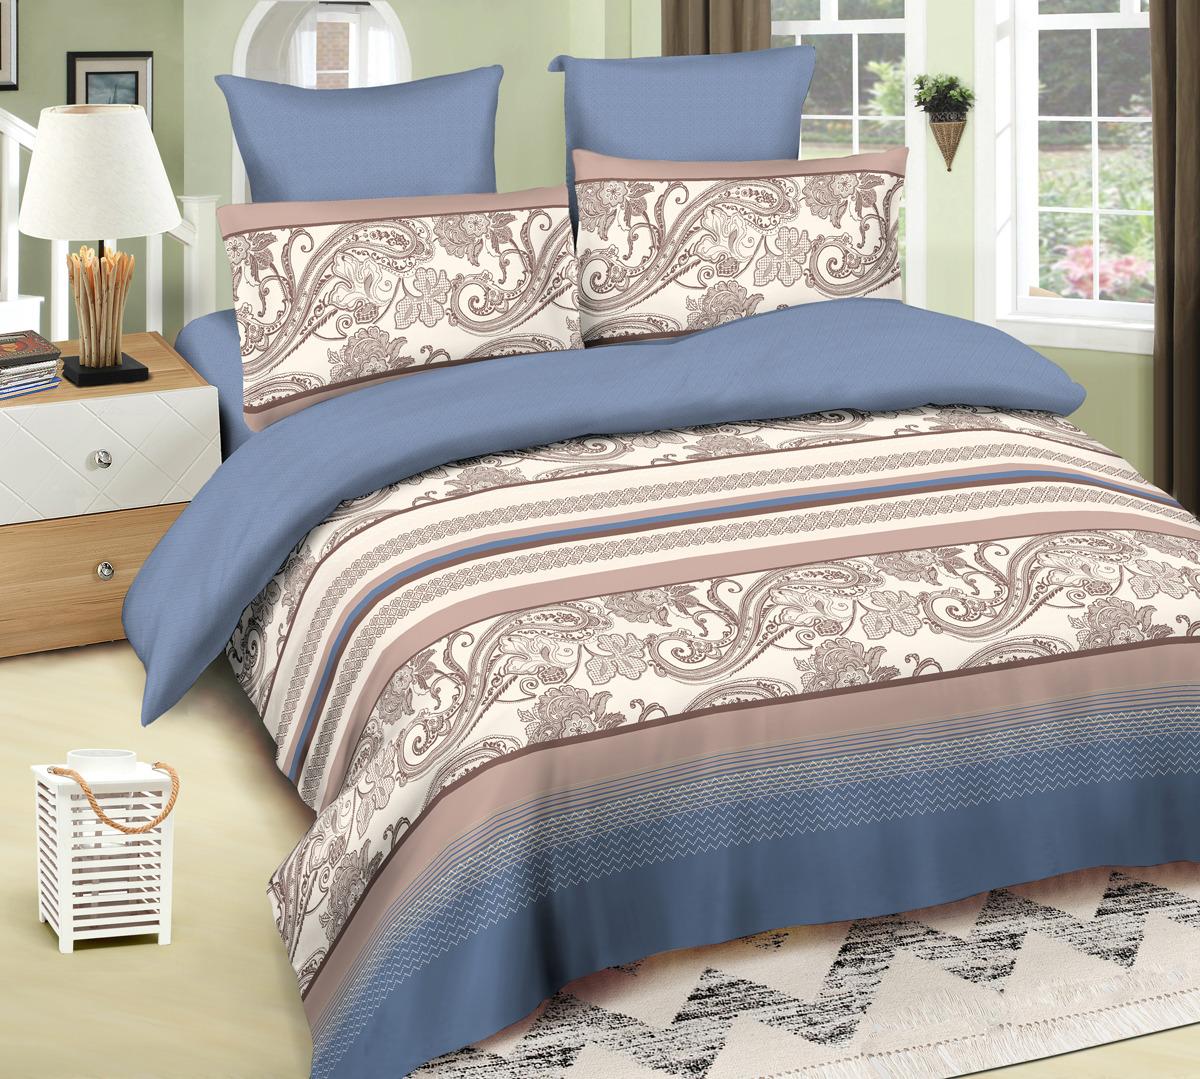 Комплект постельного белья Amore Mio Robert, евро, наволочки 50x70, 70x70